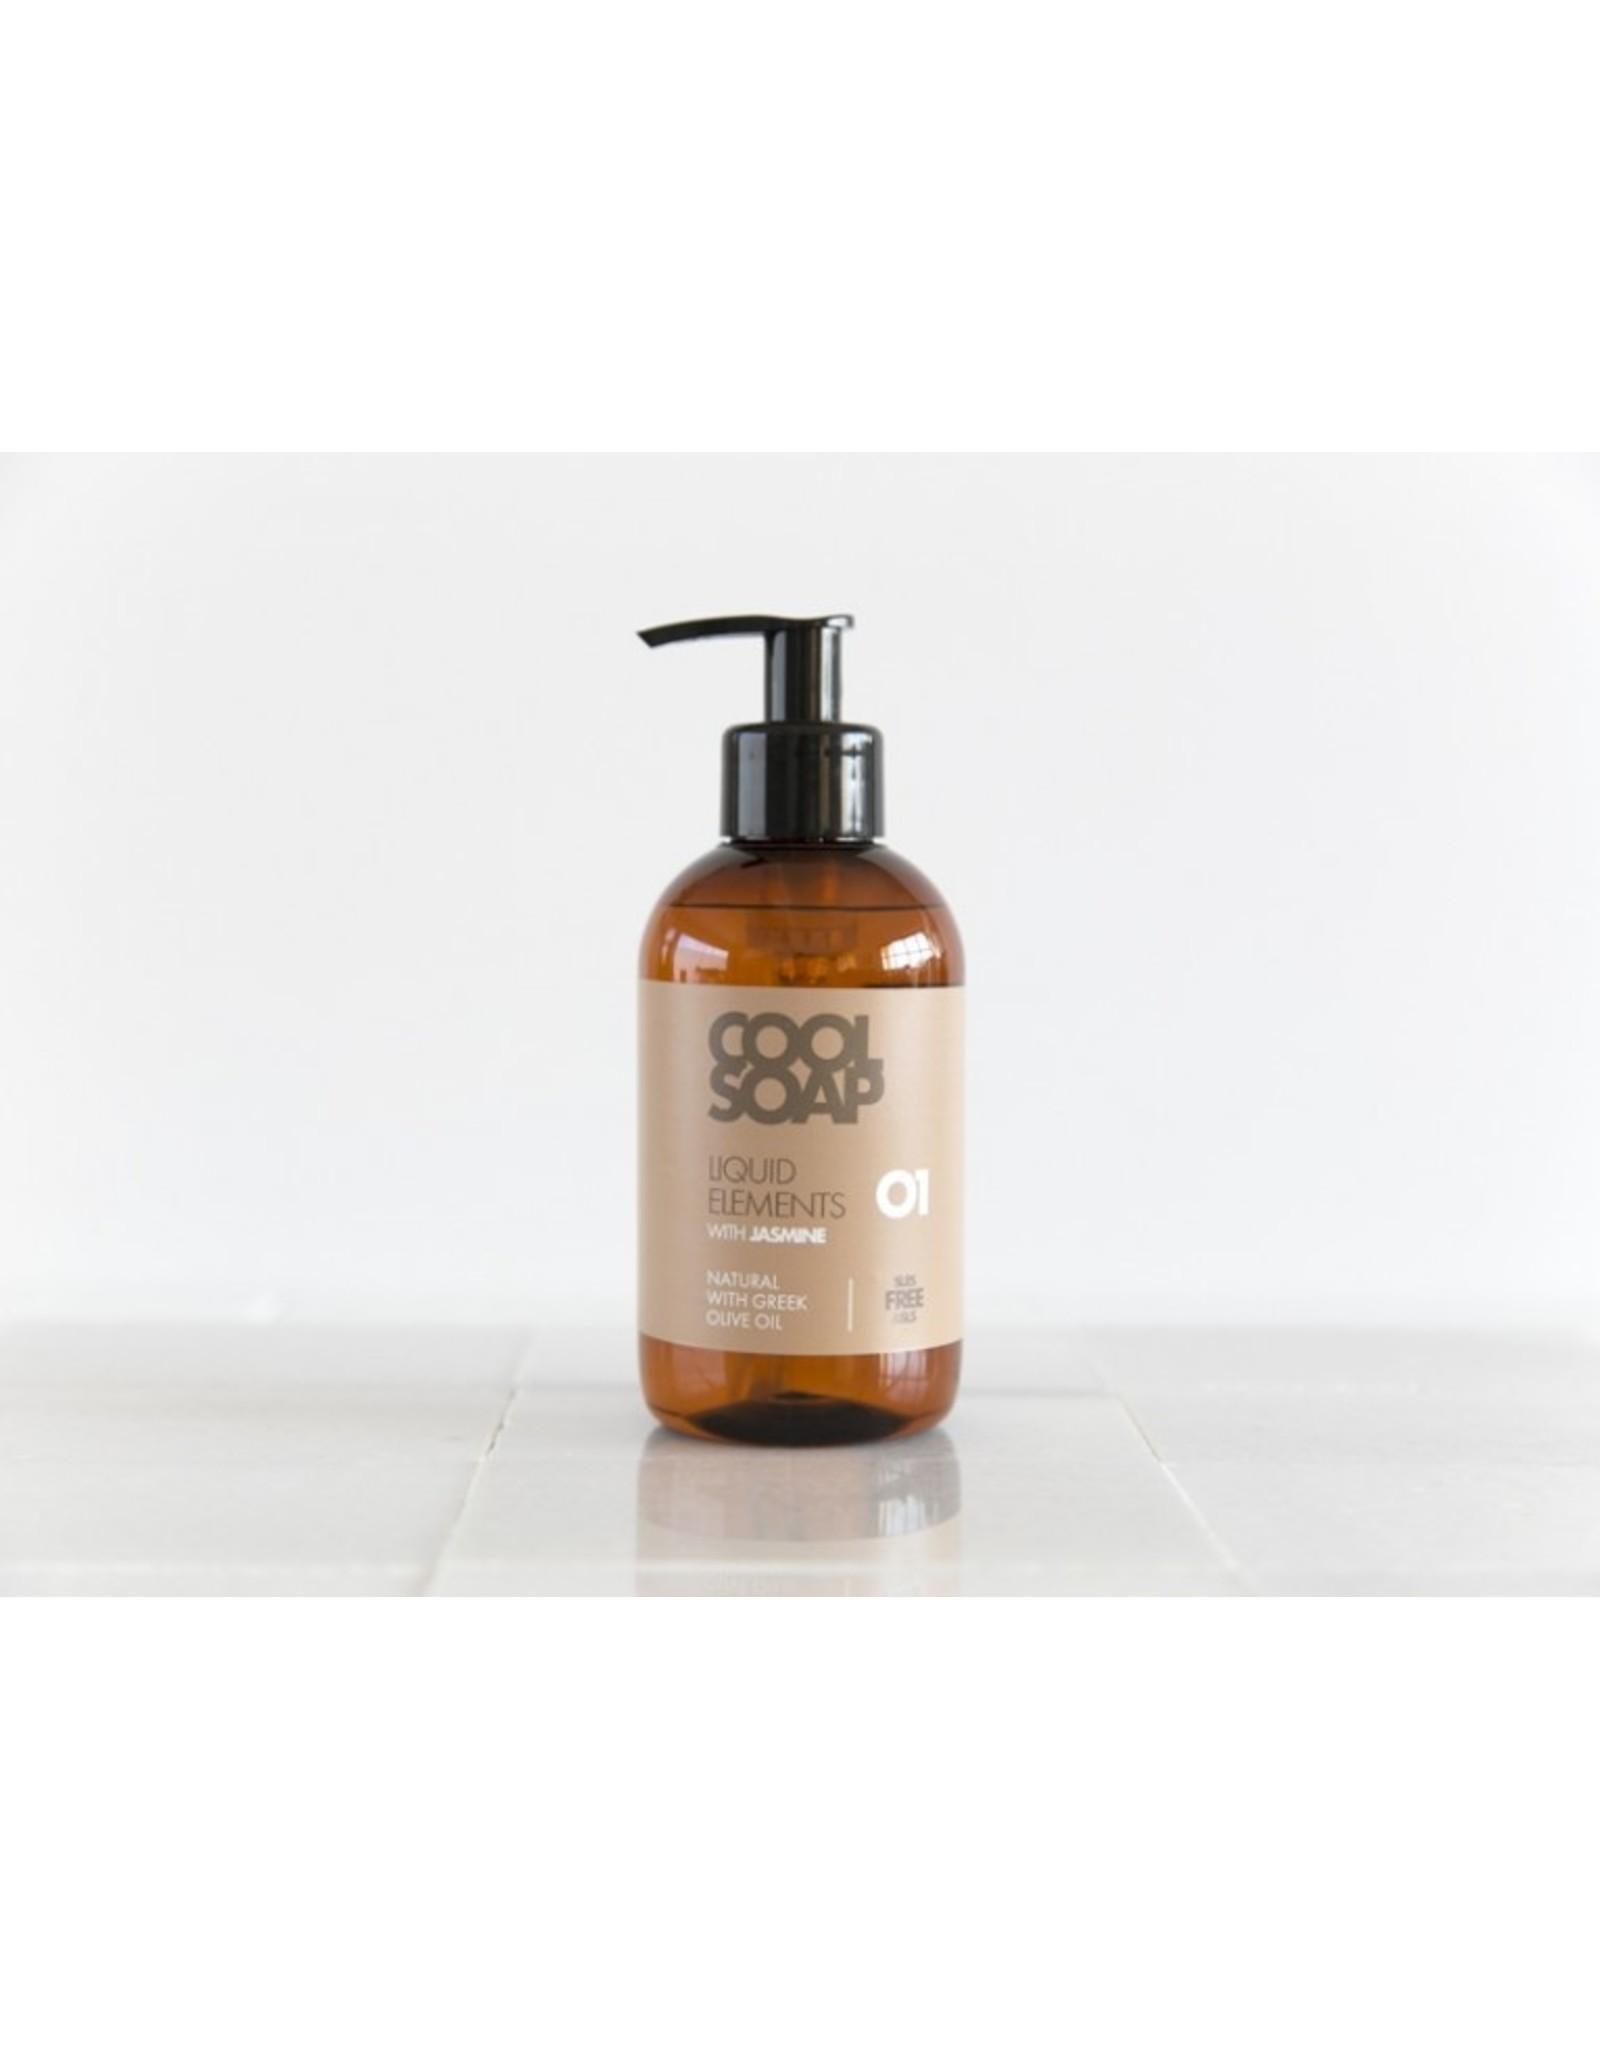 Cool Soap Cool Soap Liquids 01 - Jasmine - 250 ml